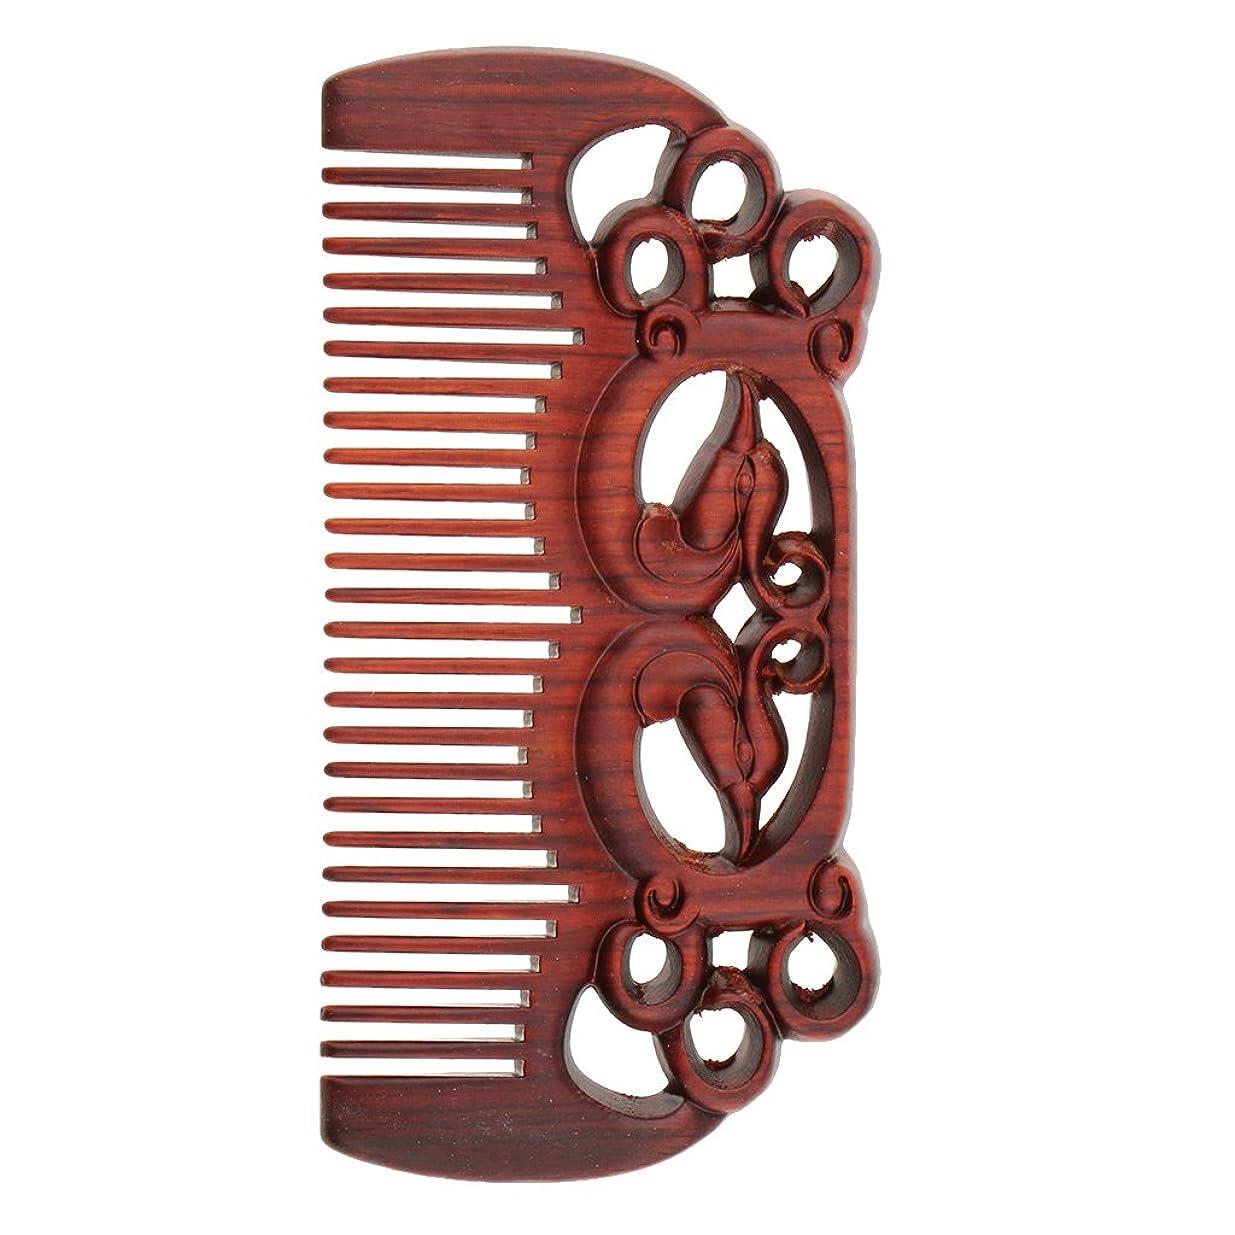 感謝祭残り物幻滅するPerfeclan ウッドコーム 天然木製 高品質 木製櫛 ワイド歯 ヘアブラシ ヘアスタイリング ヘアコーム 2タイプ選べる - #1